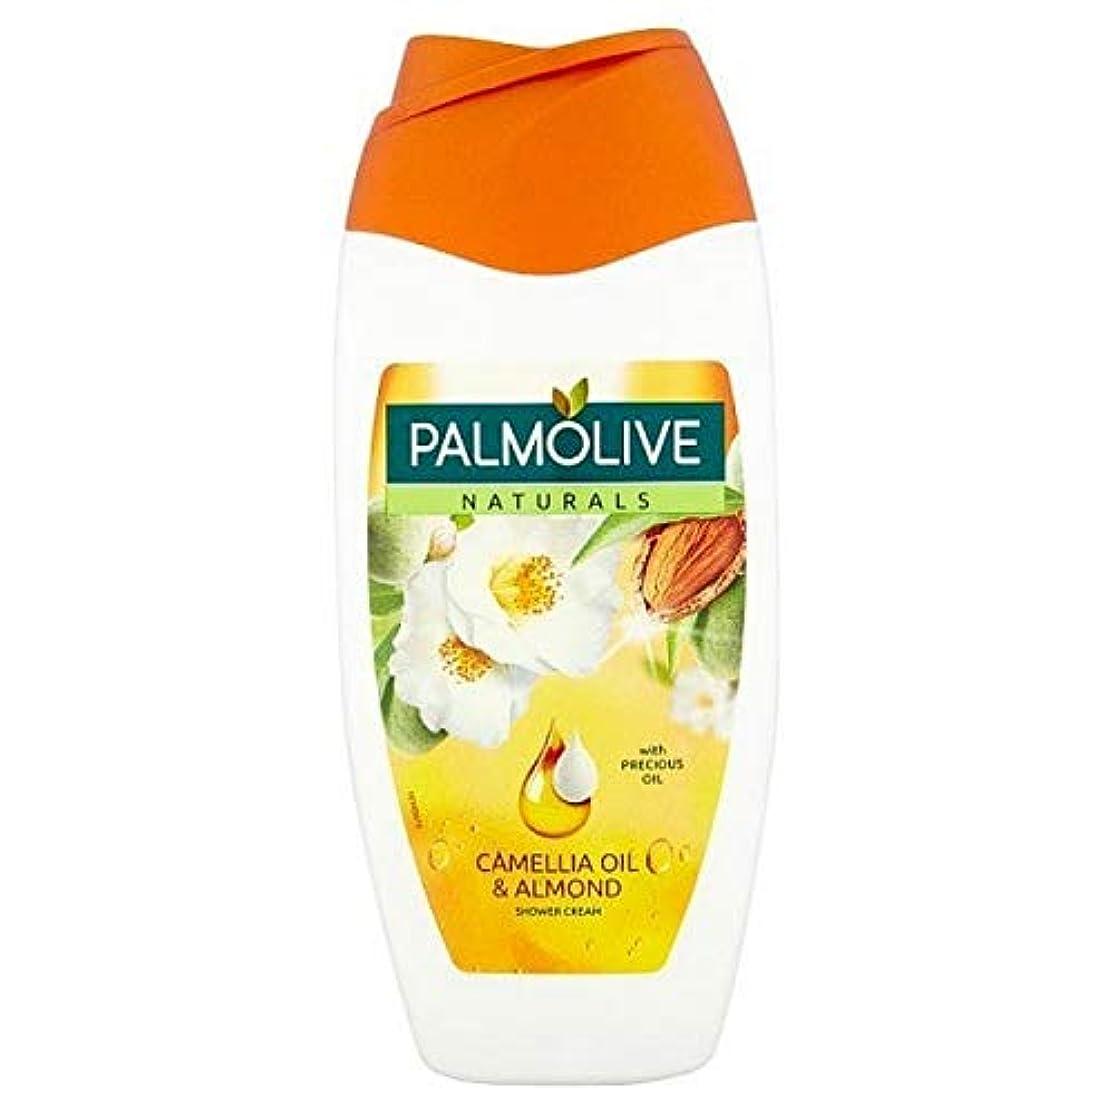 ようこそ誘発する規範[Palmolive ] パルモナチュラル椿油&アーモンドシャワージェル250ミリリットル - Palmolive Naturals Camellia Oil & Almond Shower Gel 250ml [並行輸入品]